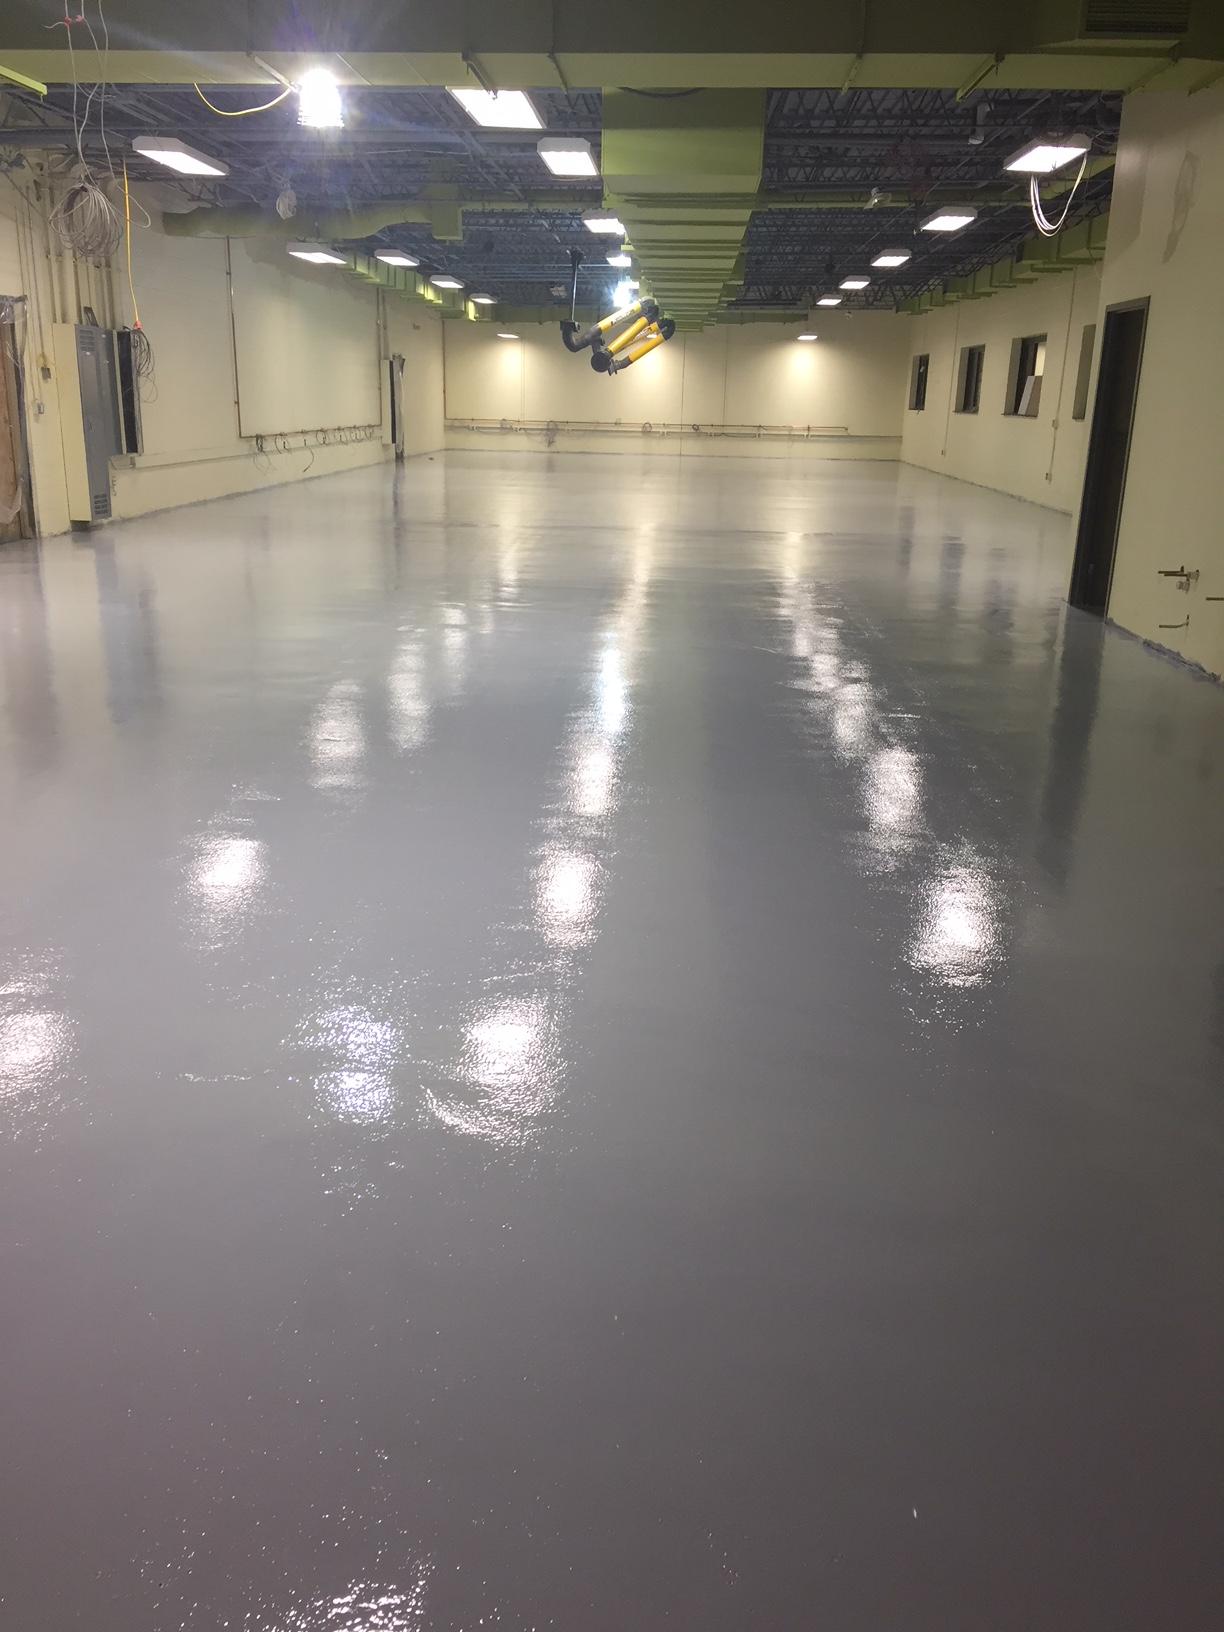 New flooring in WEMOCO classroom